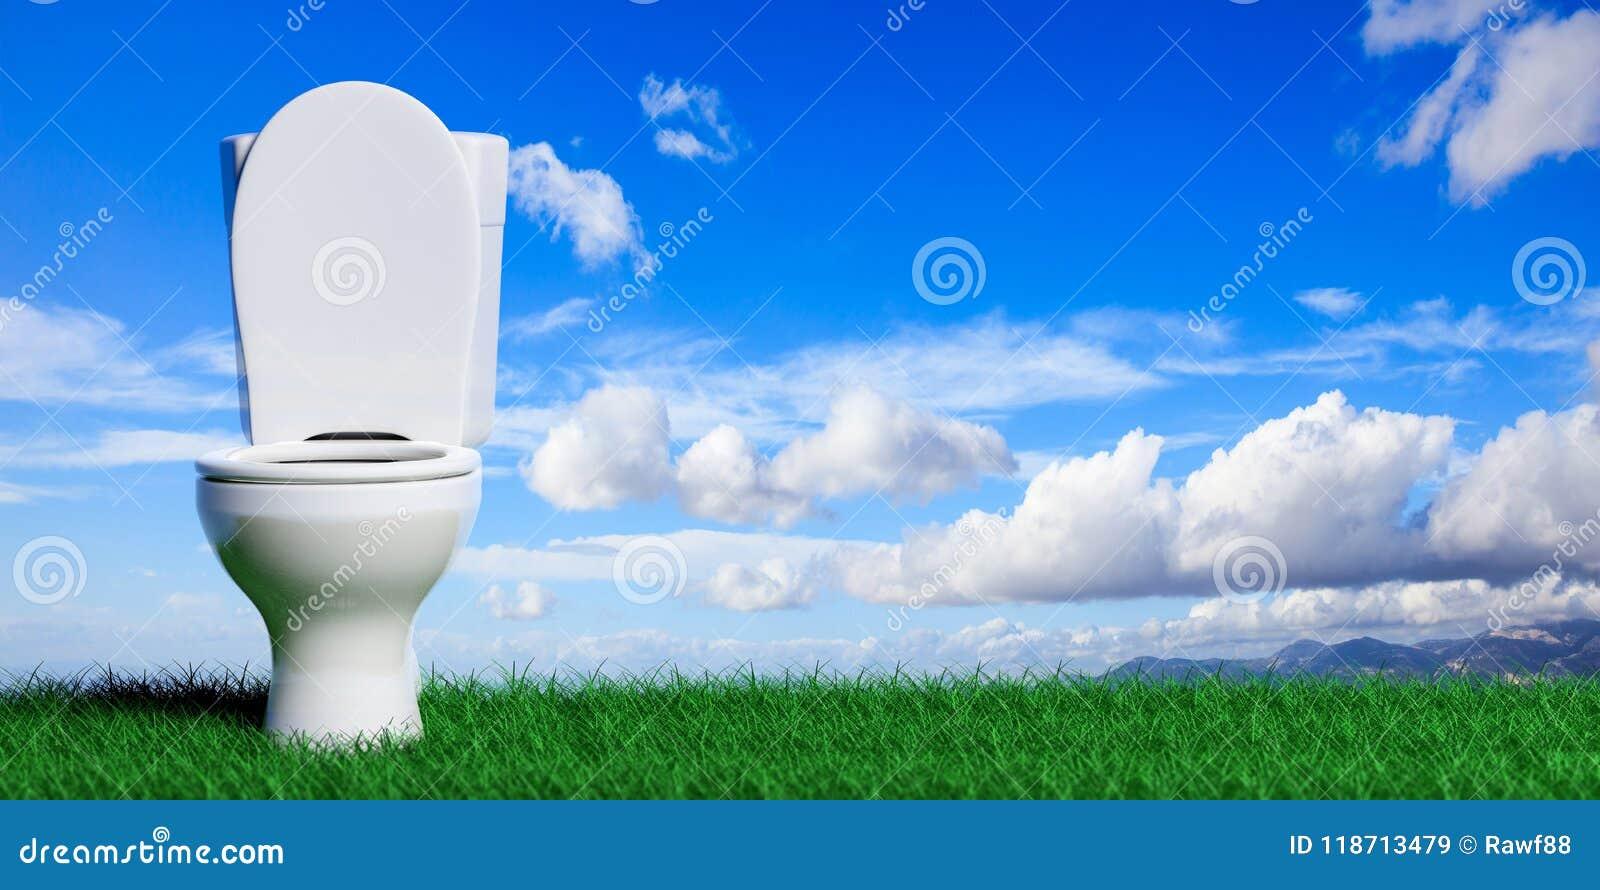 Ciotola di toilette bianca sul fondo dell erba e del cielo blu, spazio della copia illustrazione 3D